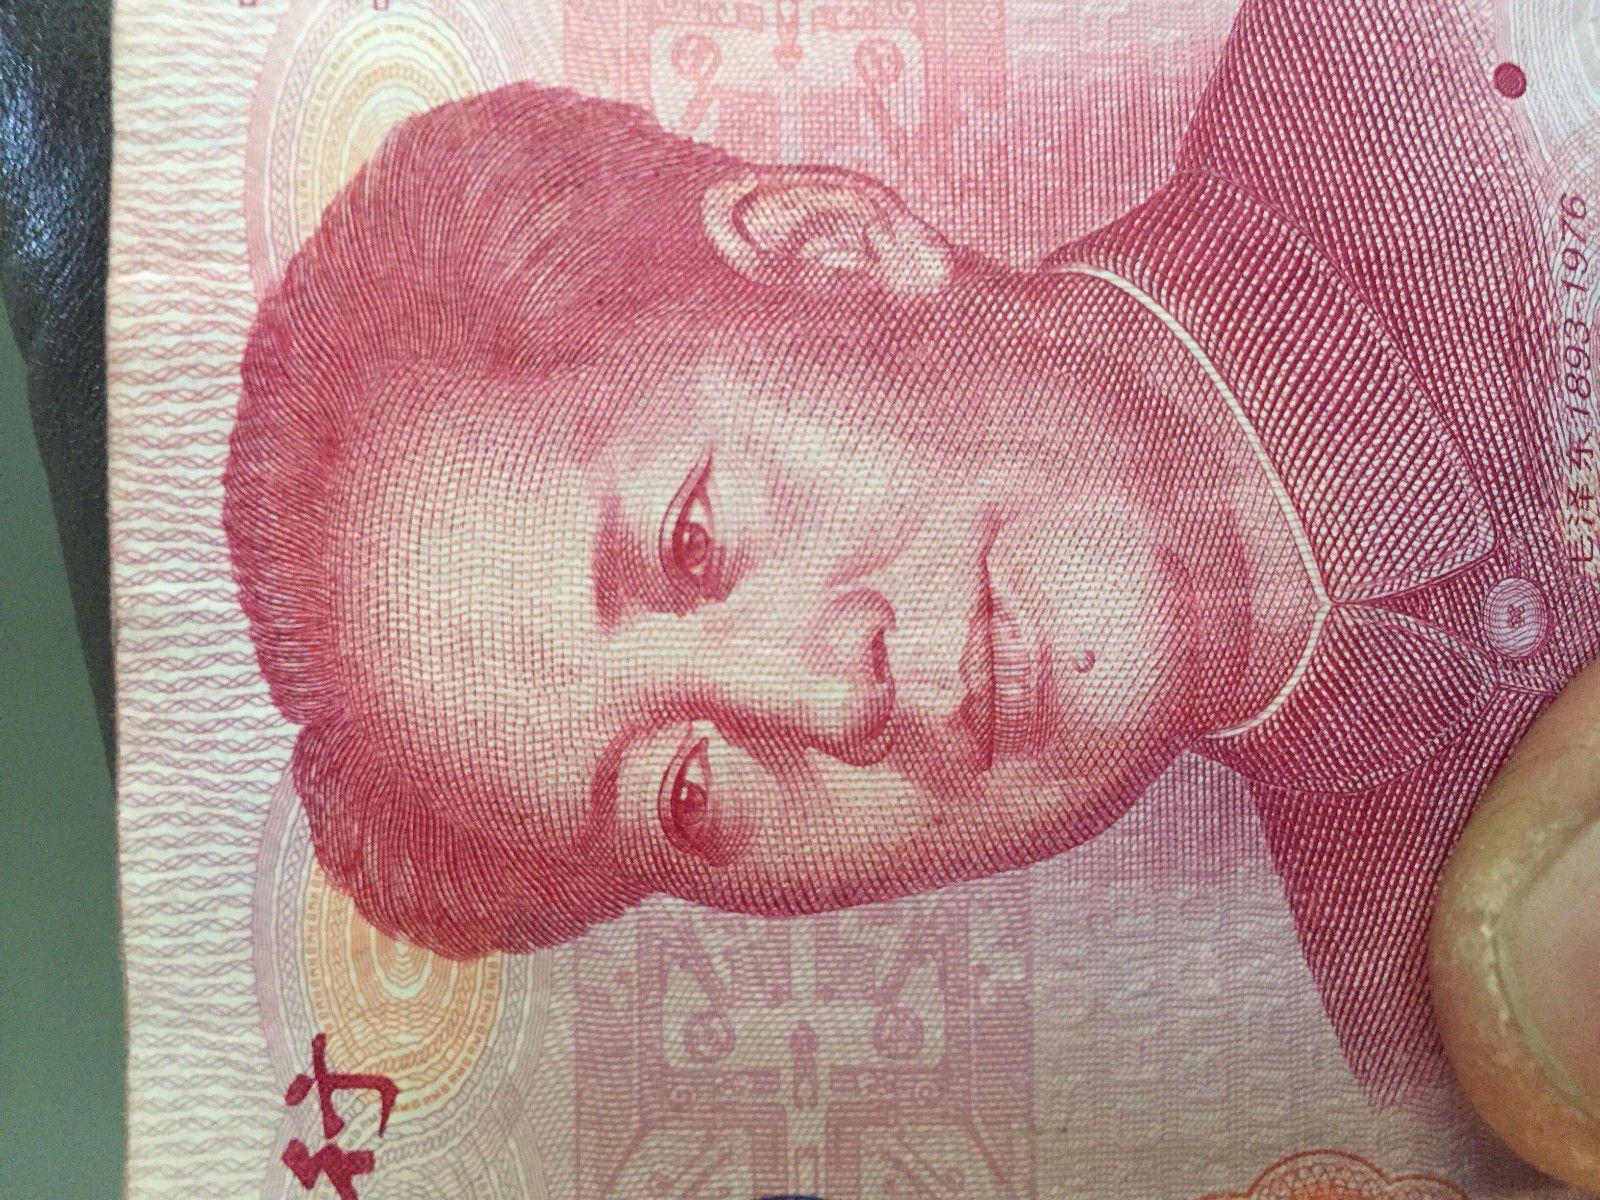 人民币�ya`��a���-�_谁懂得错版人民币,帮我鉴定一下这个属于错币吗?